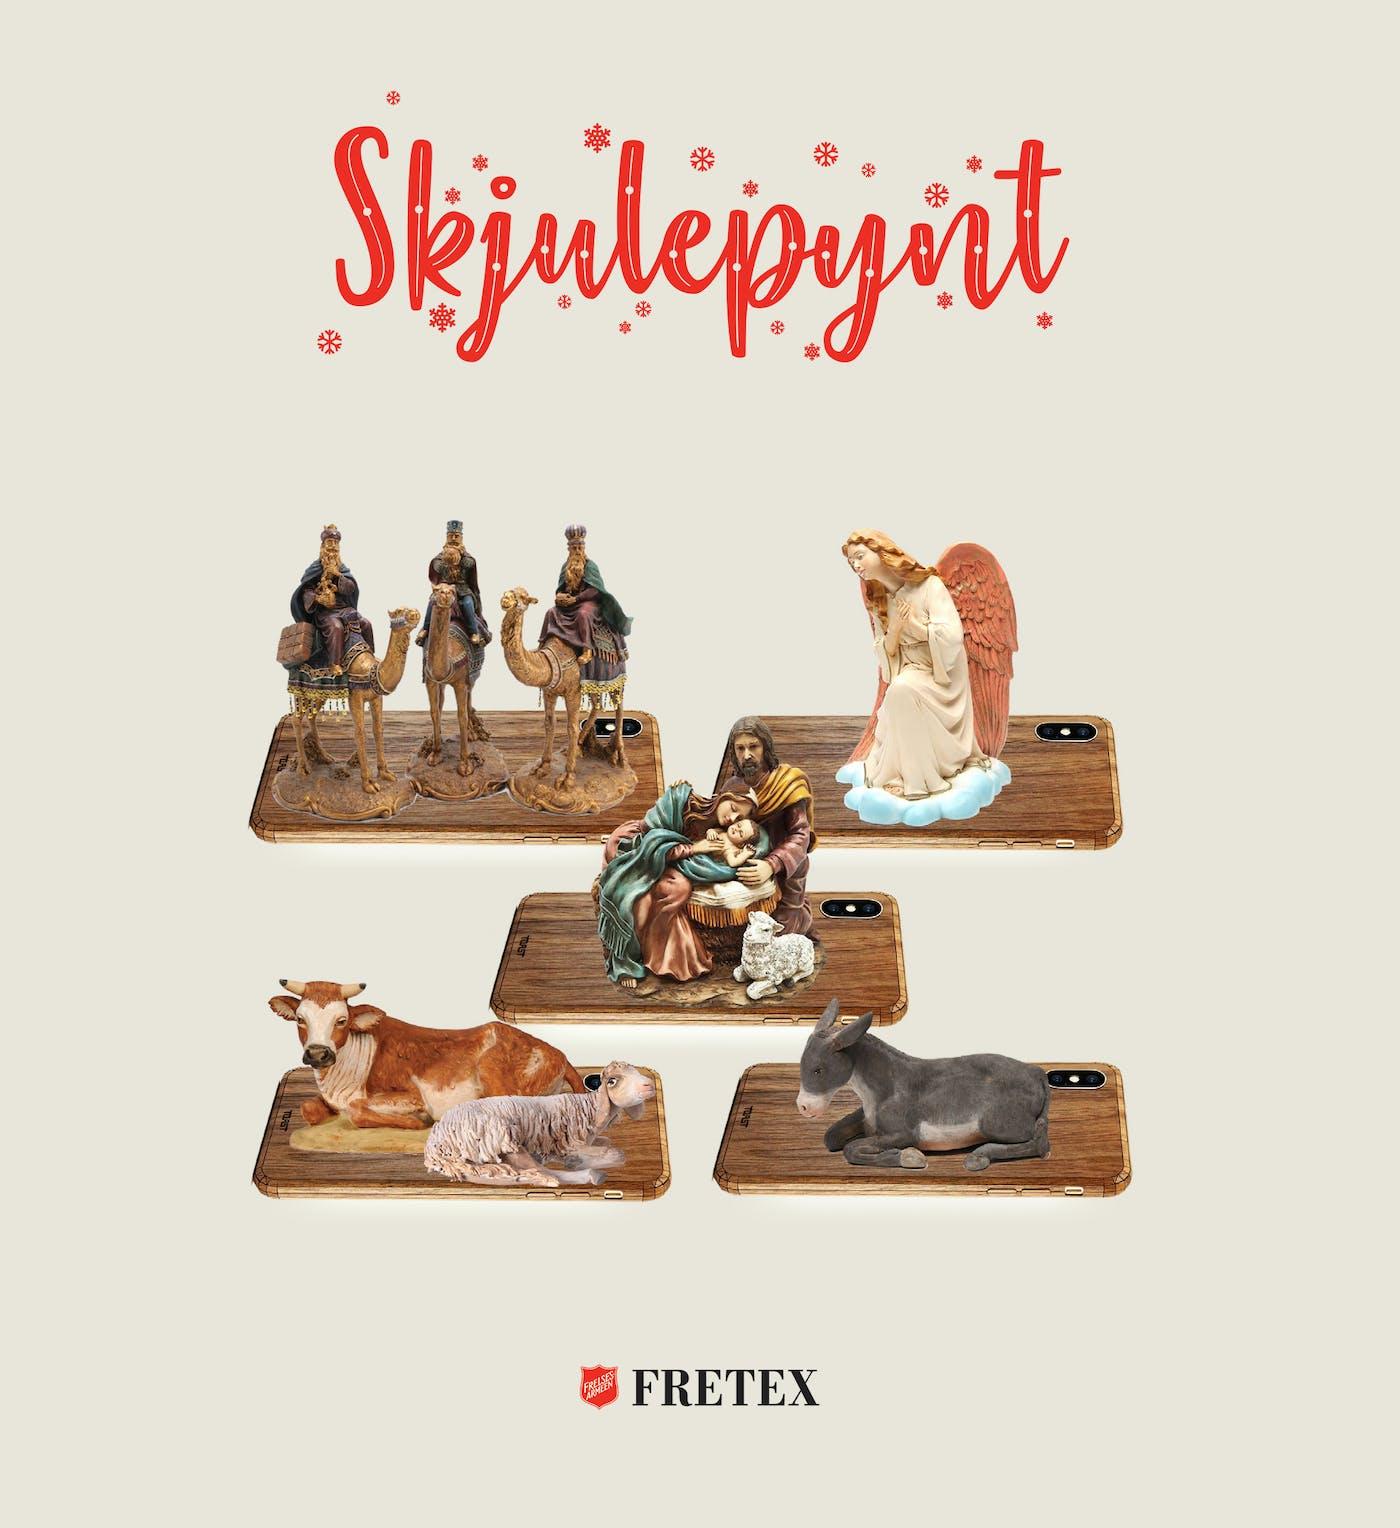 FRETEX SKJULEPYNT 5